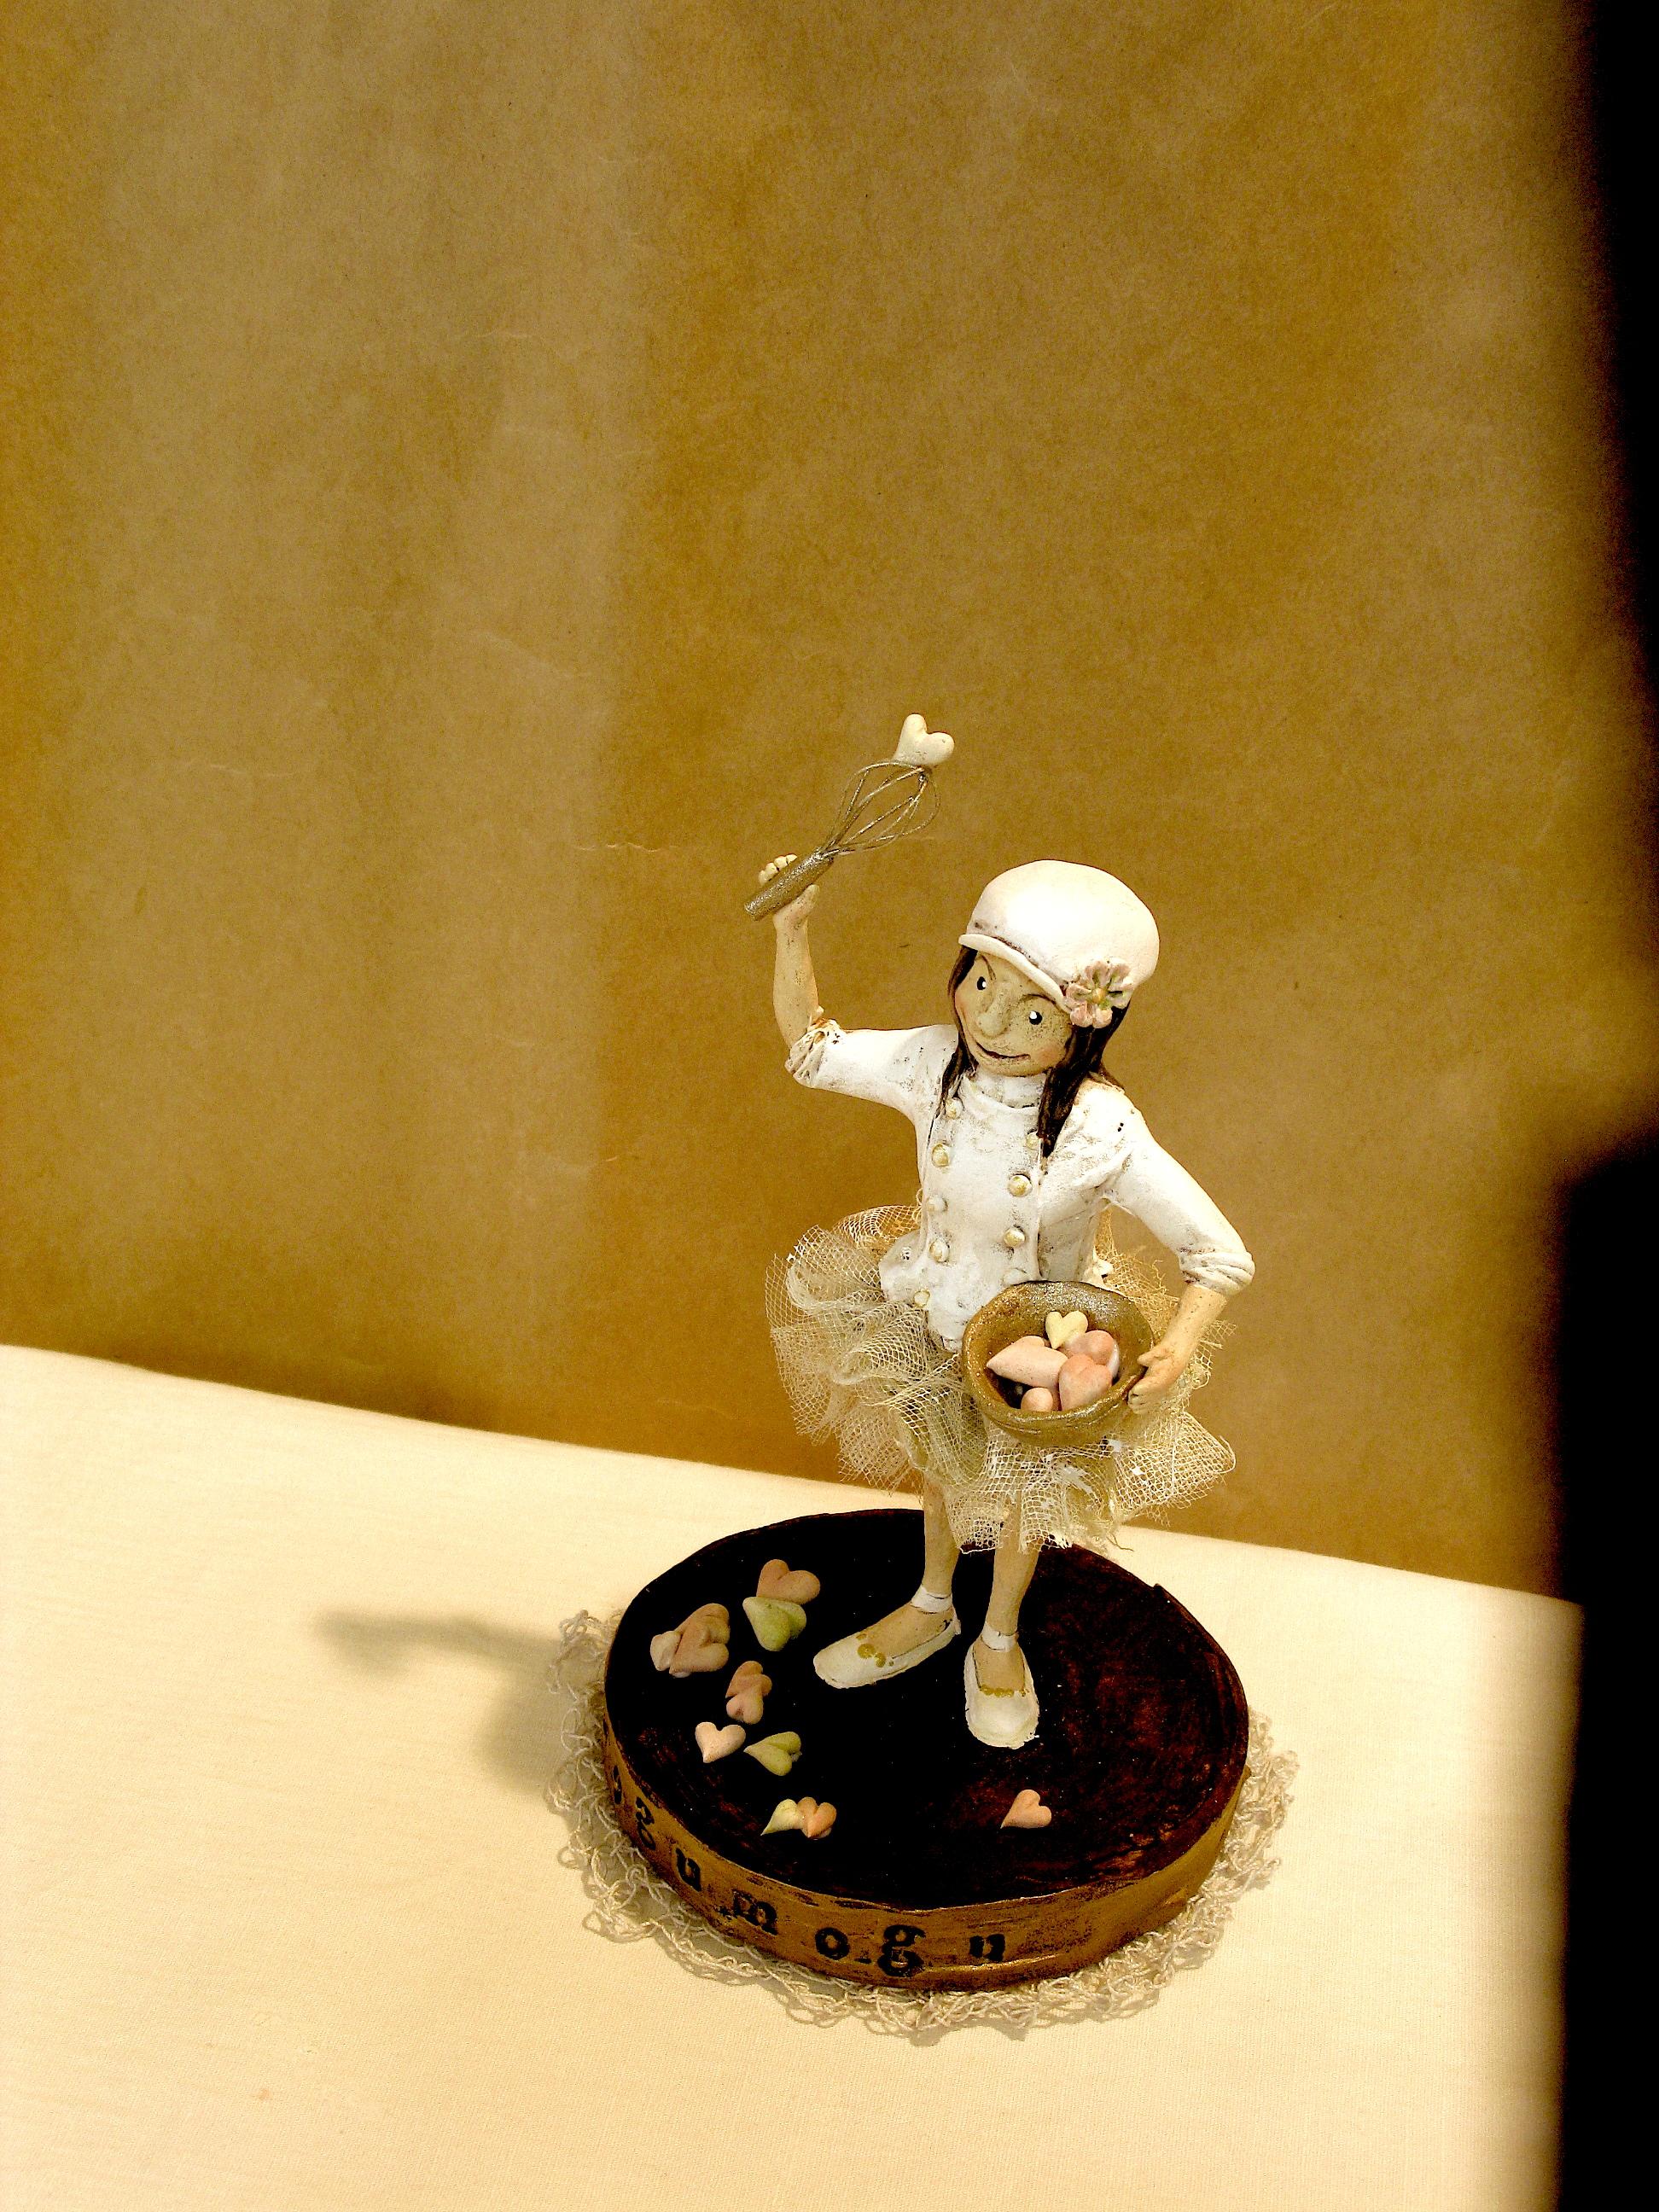 小さなケーキ屋さん mogumogu